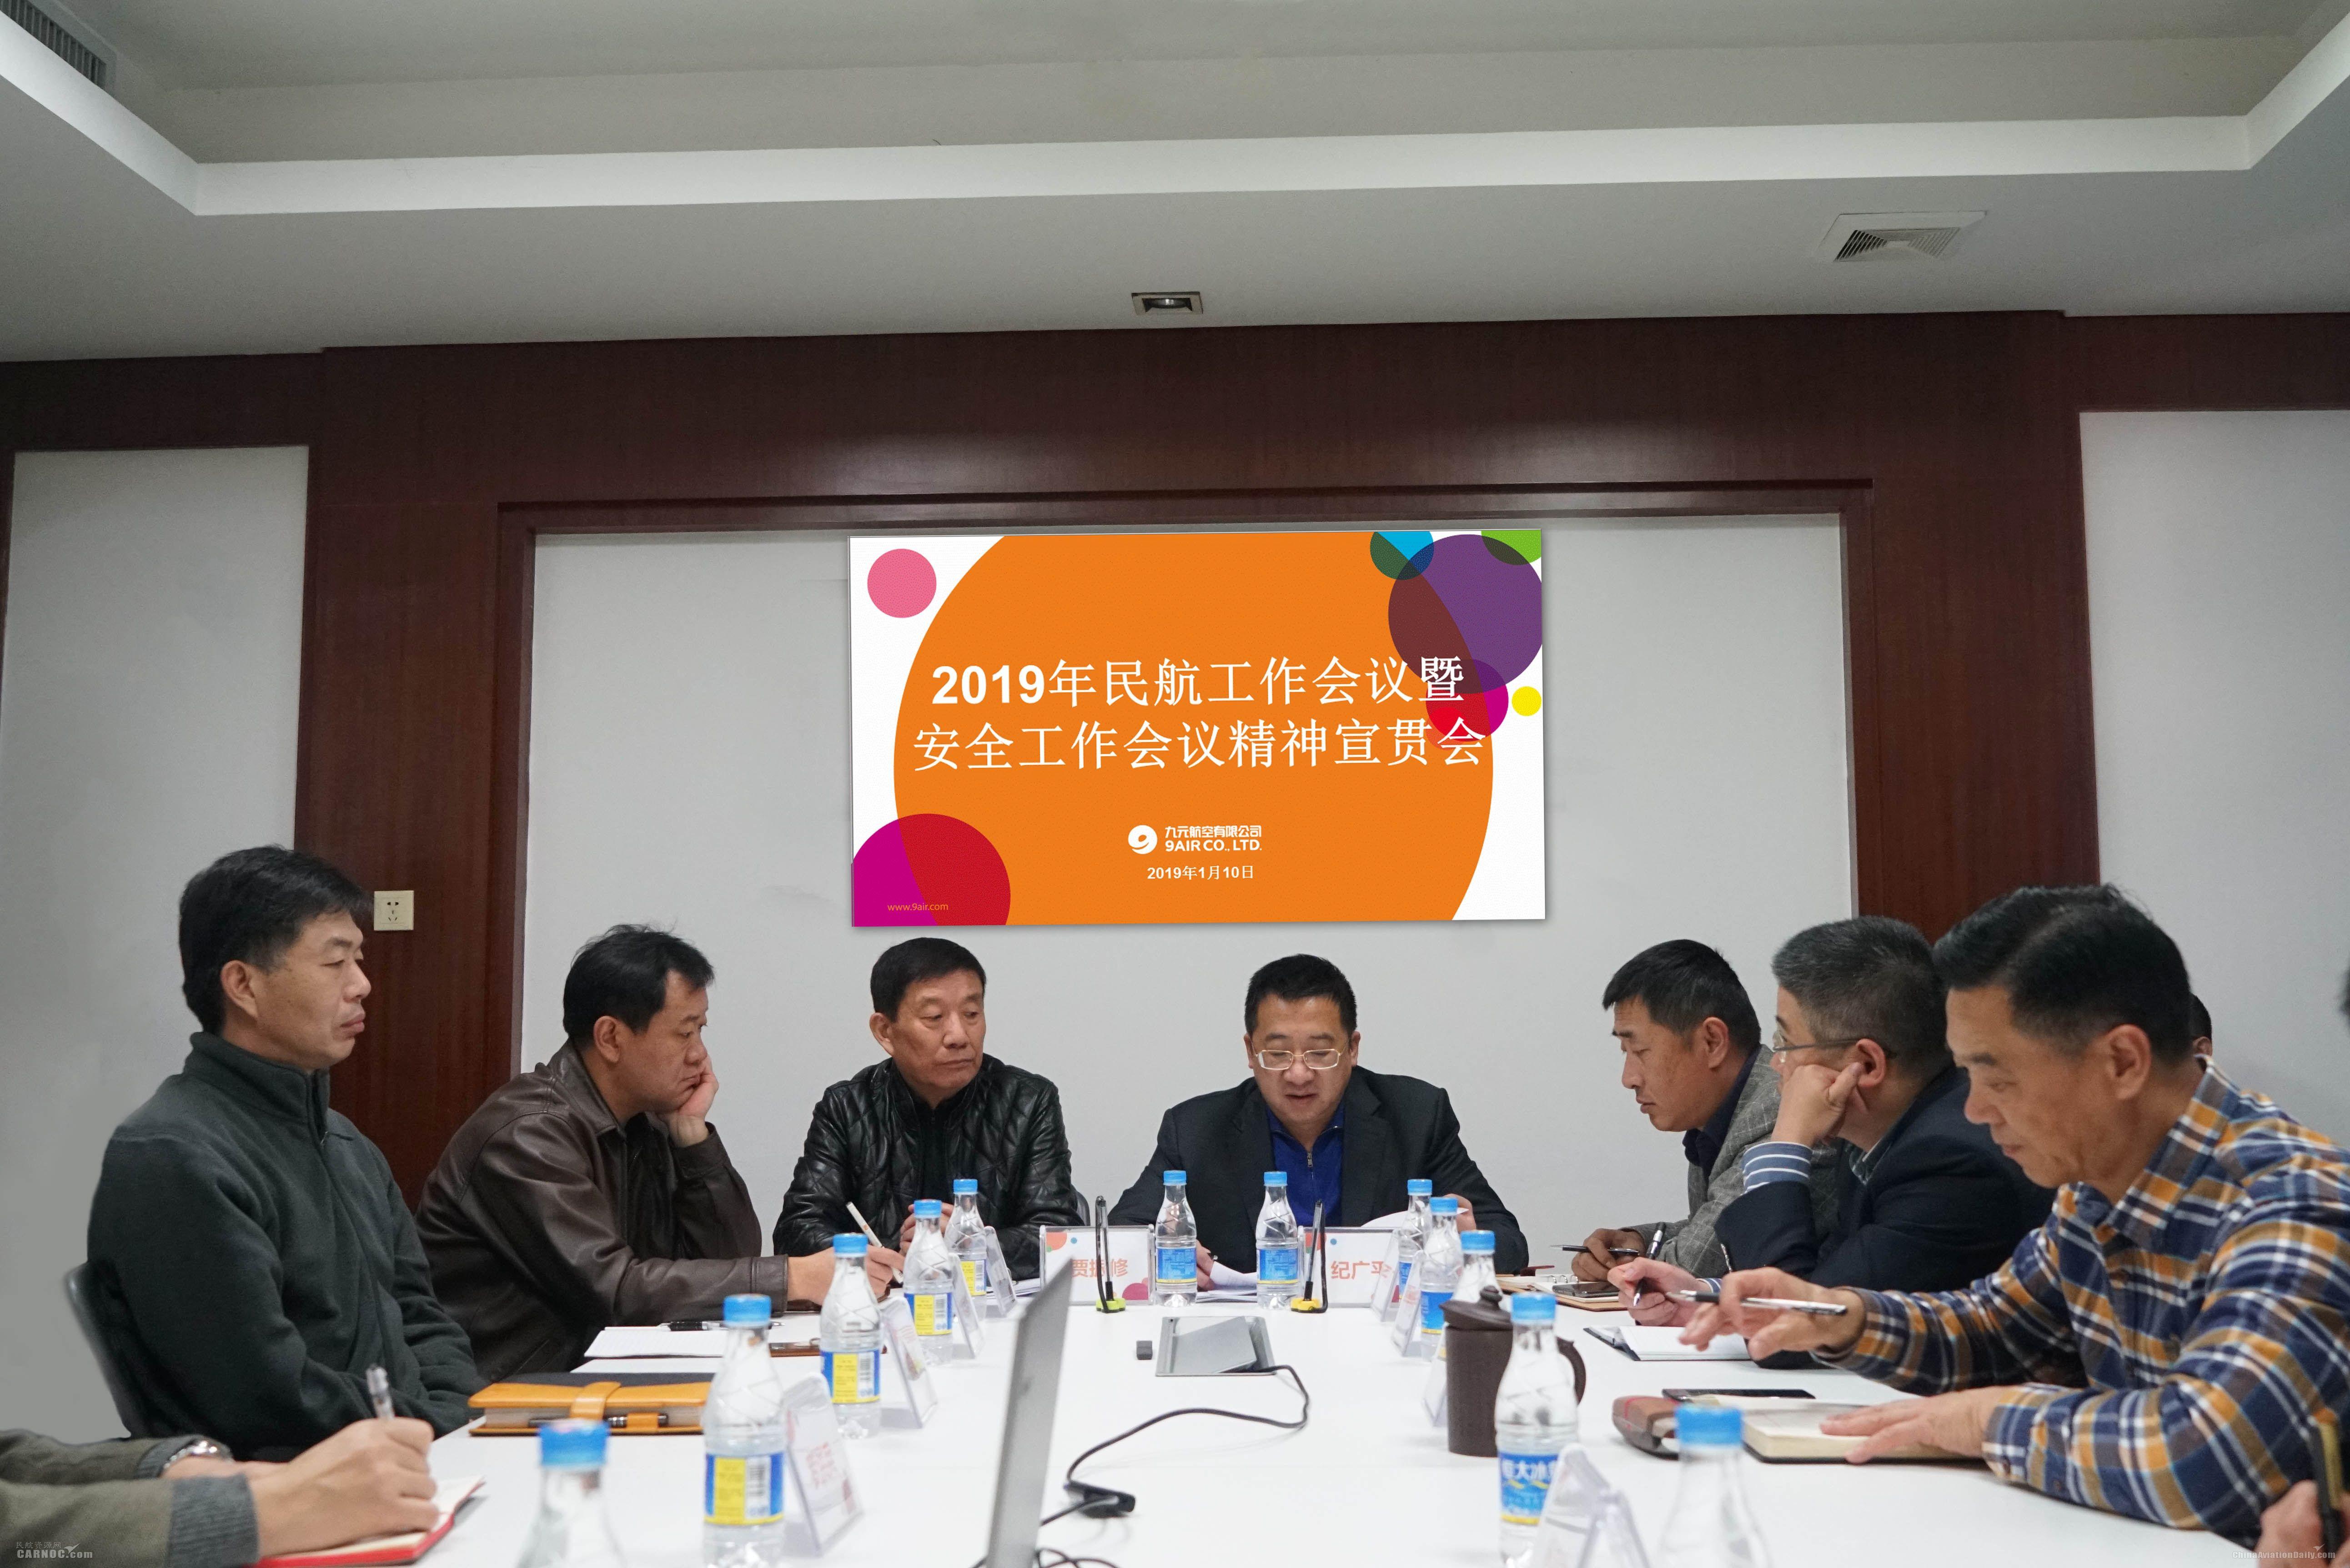 九元航空传达学习2019年全国民航工作会议精神